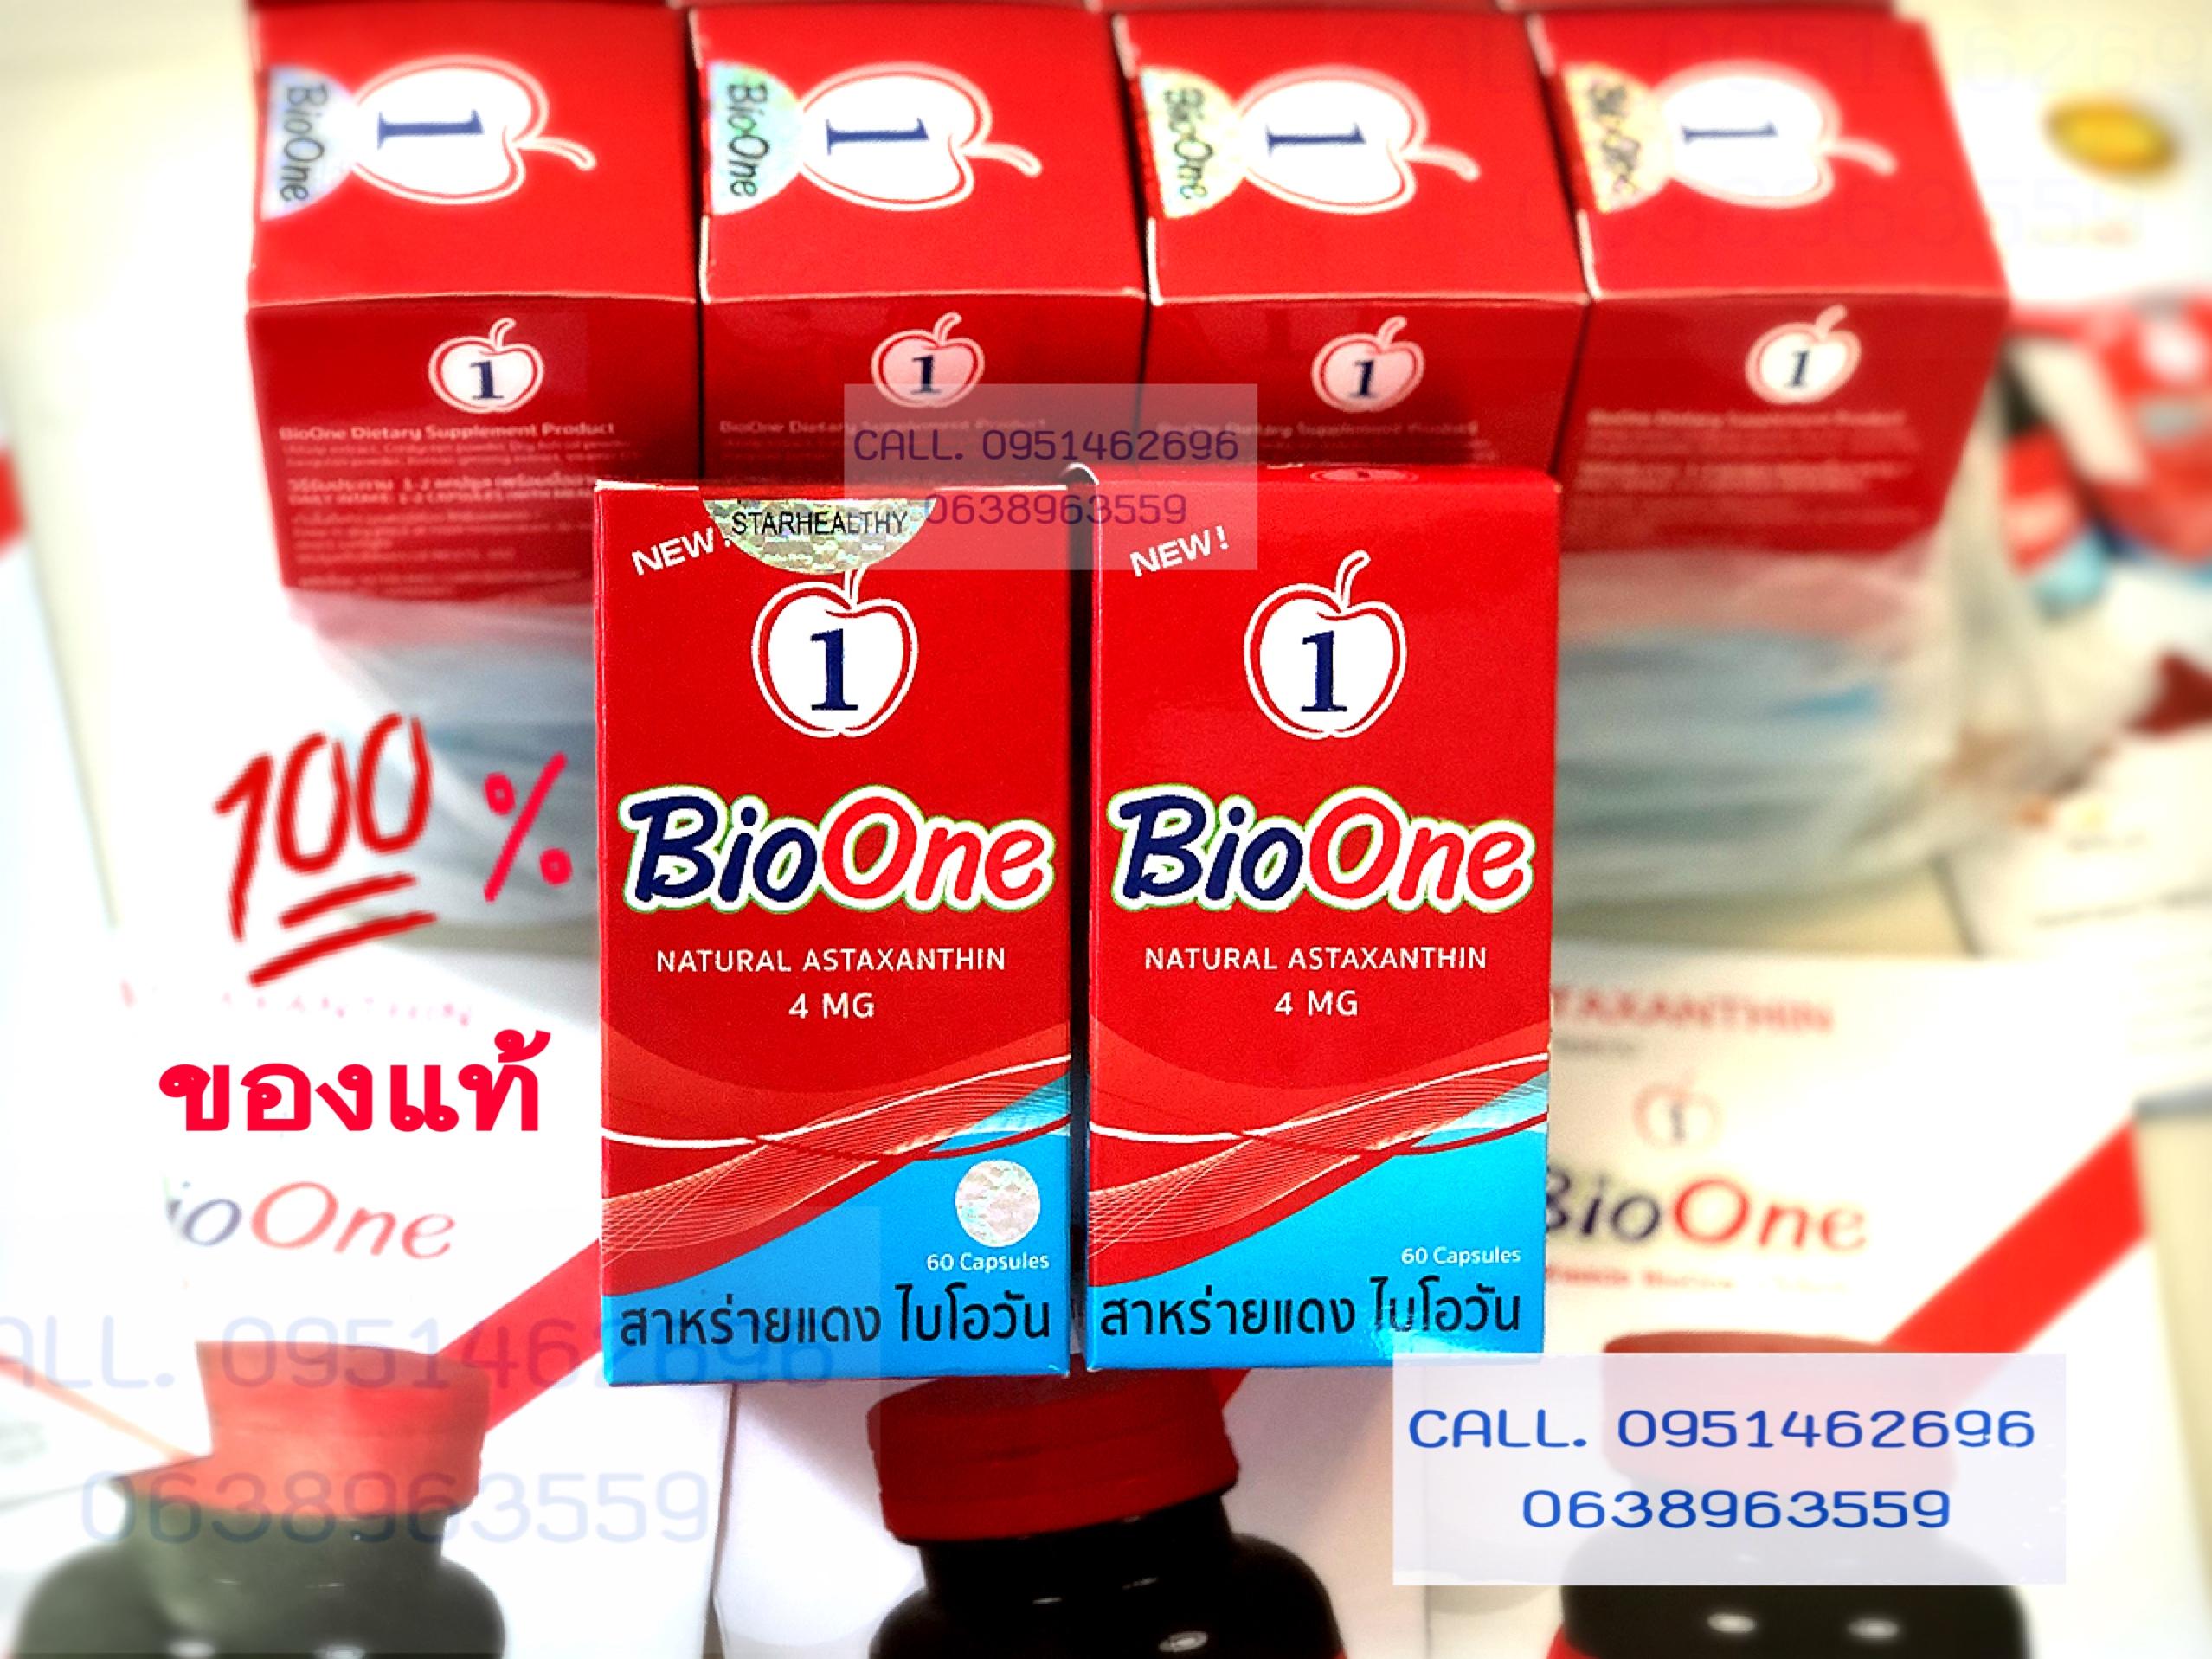 BIO ONE ส่าหรายแดง ส่งฟรี 1,700 บาท โปรโมชั่น